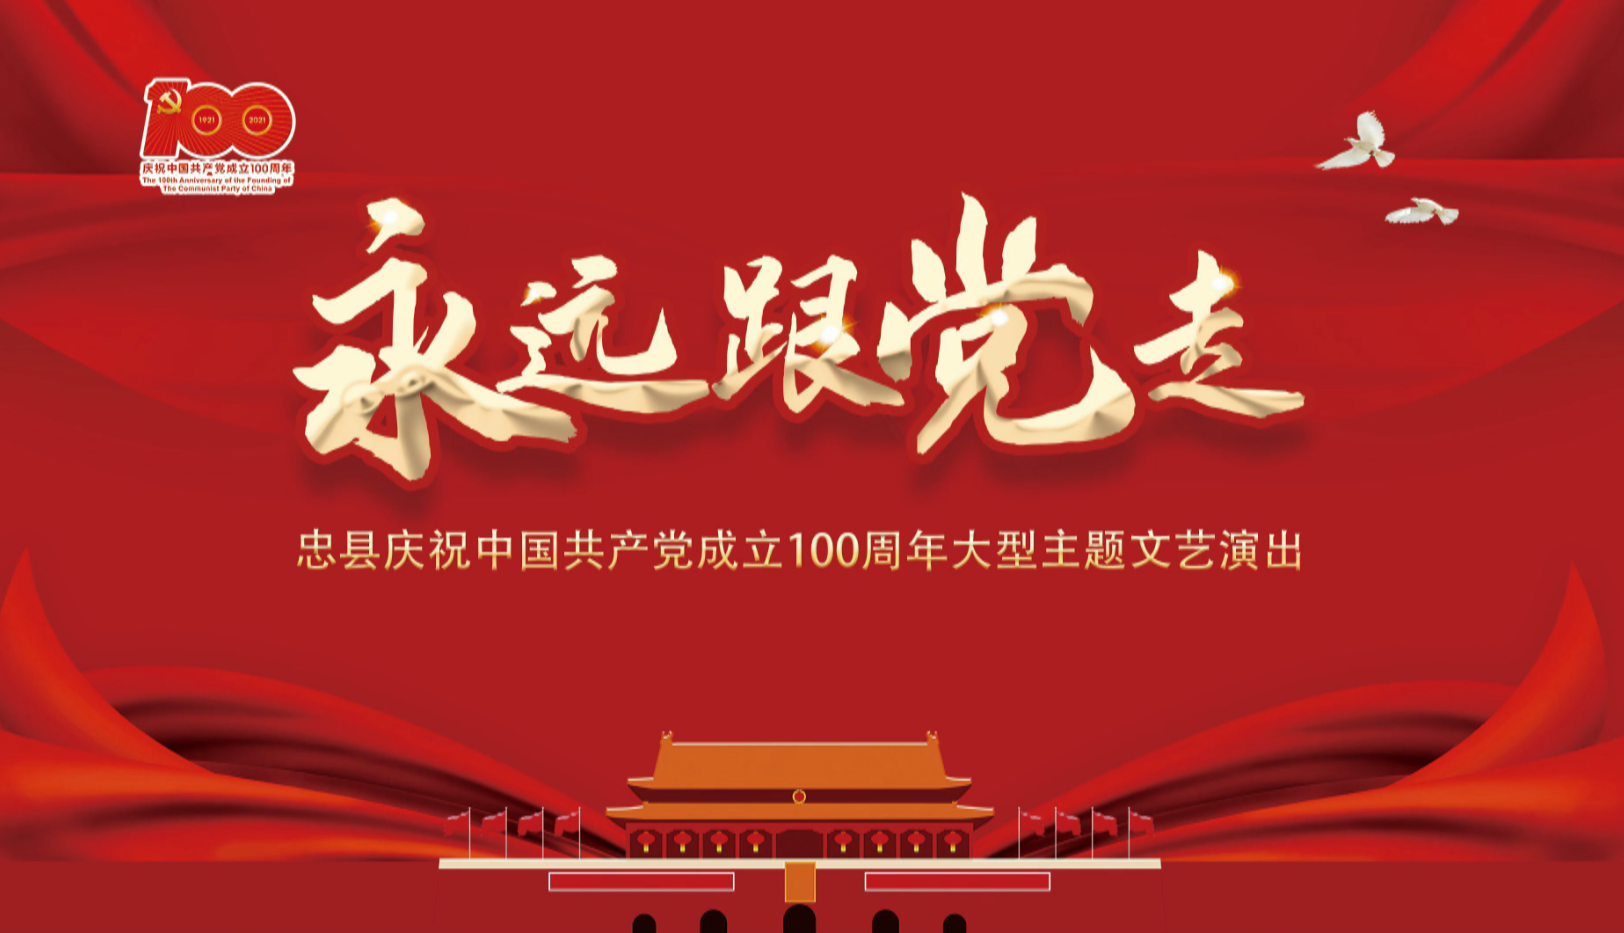 永远跟党走|忠县庆祝中国共产党成立100周年大型主题文艺演出